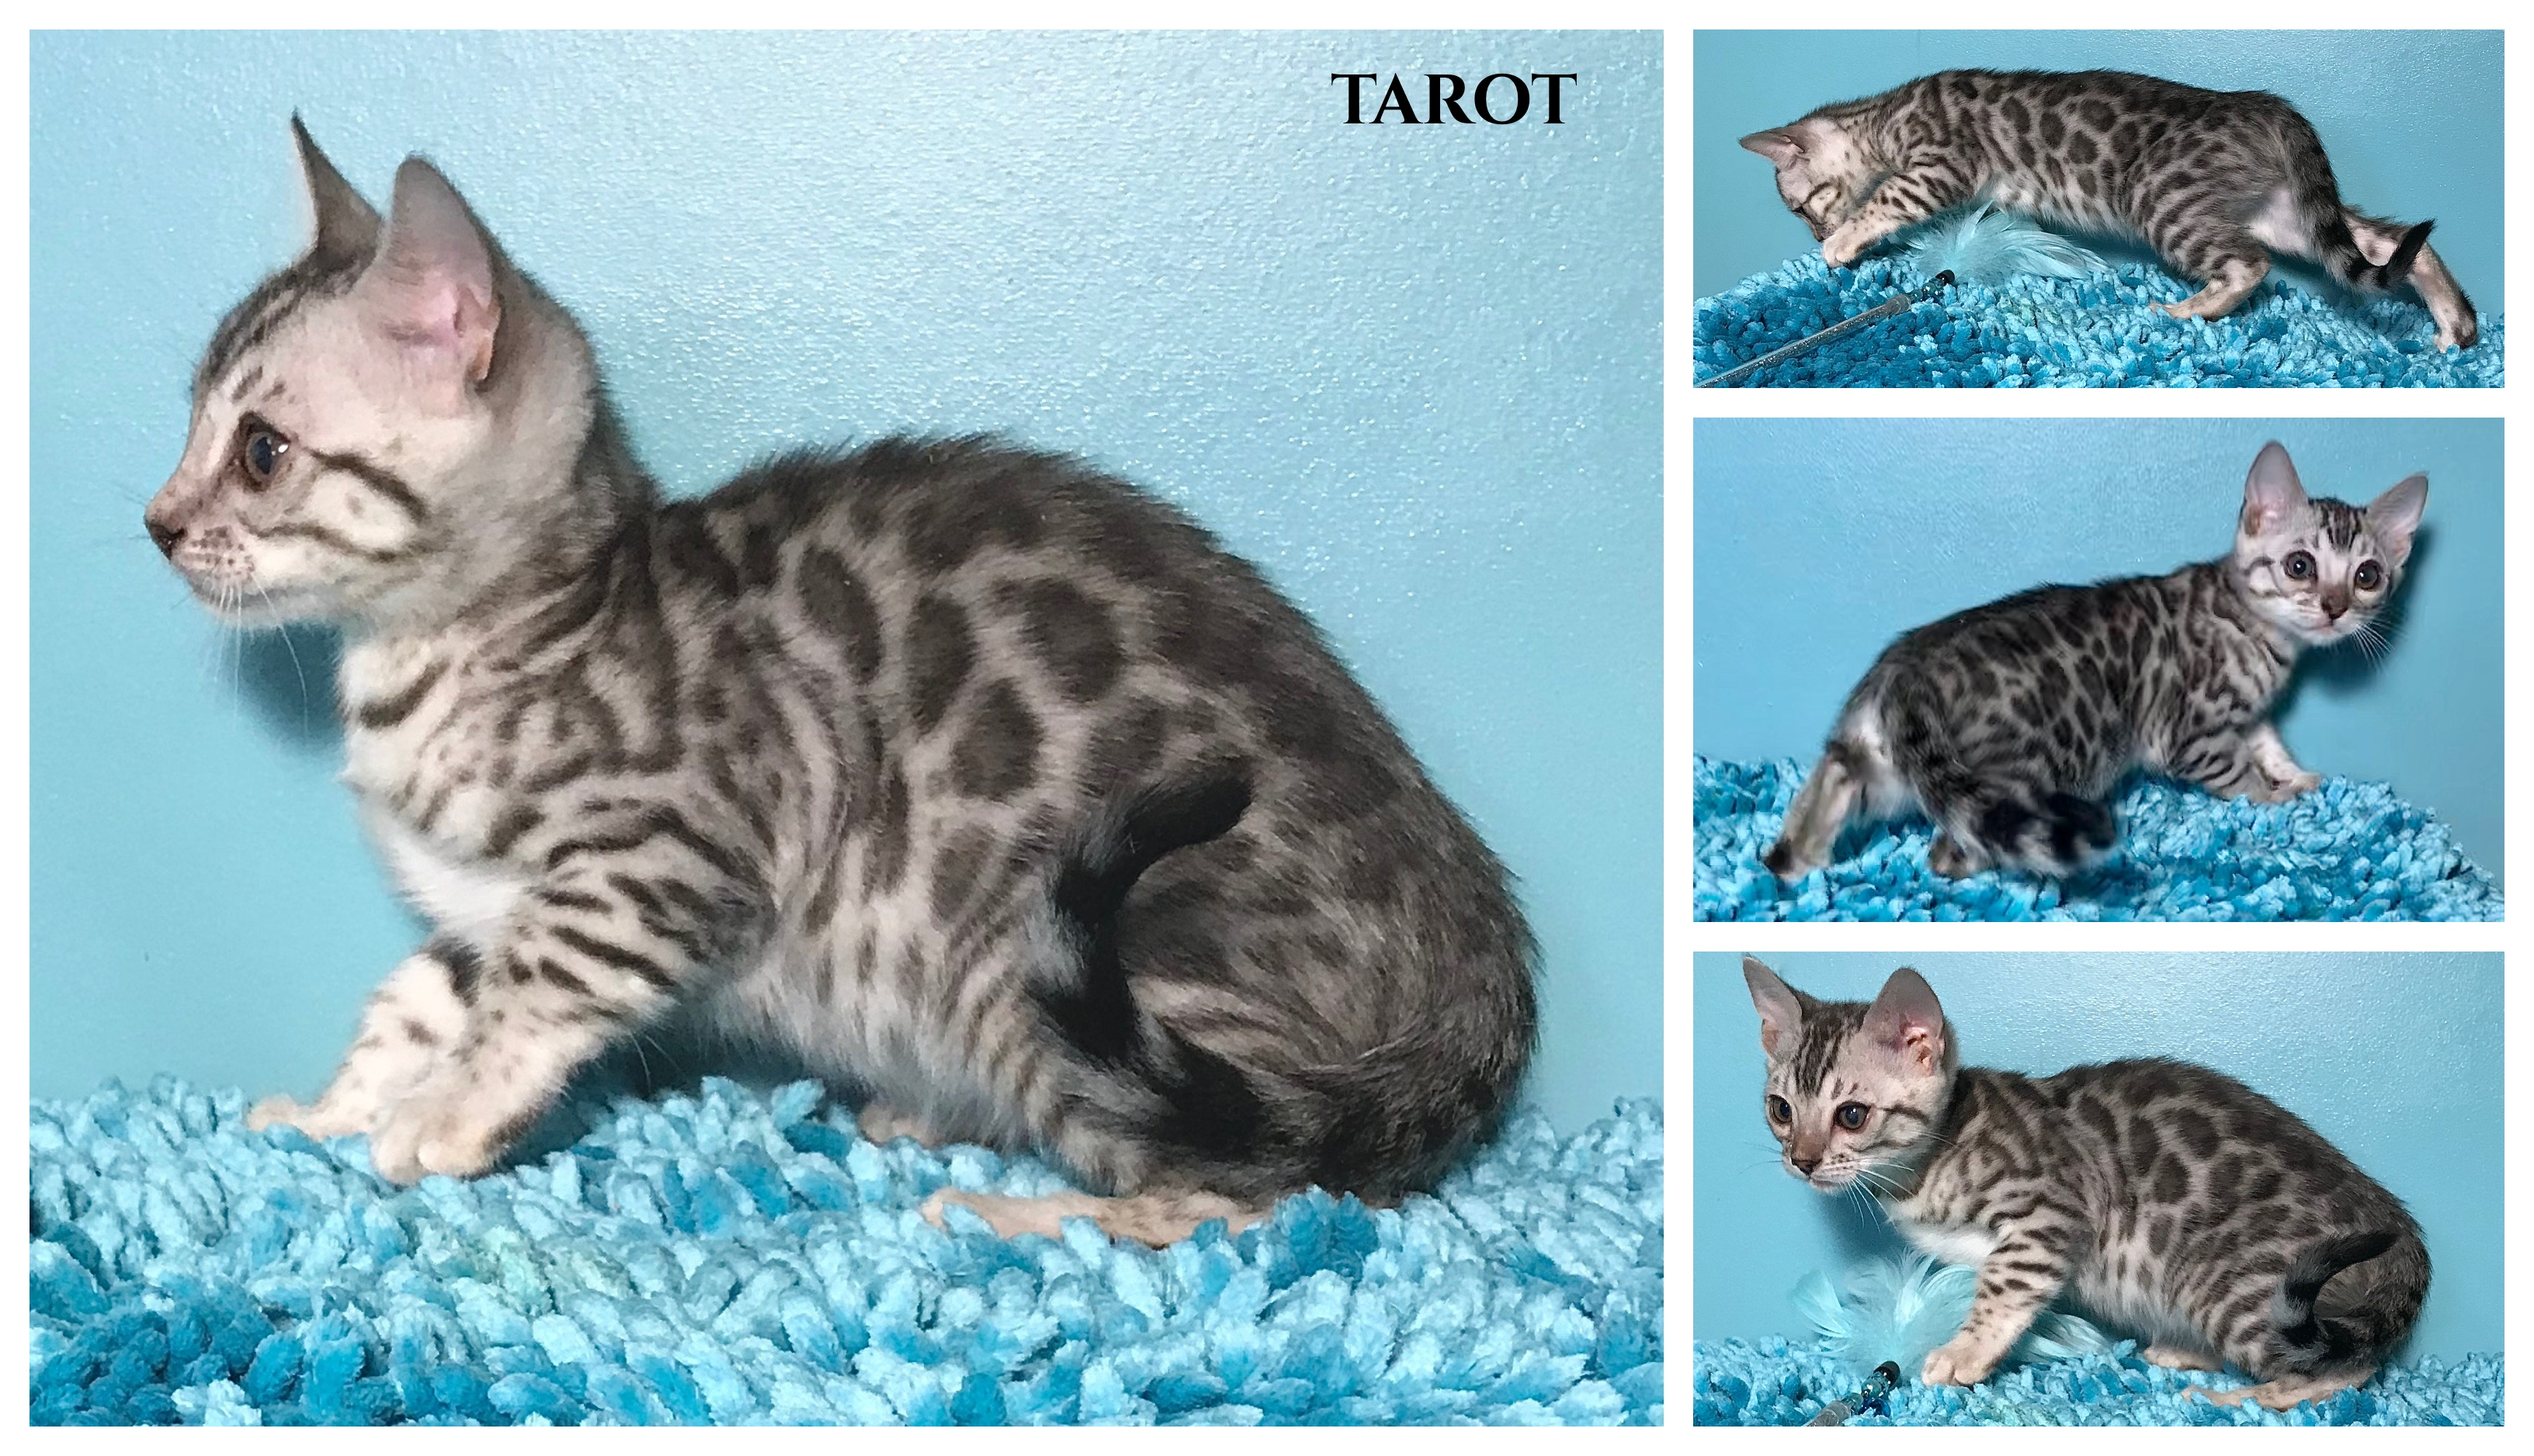 Tarot 9 weeks